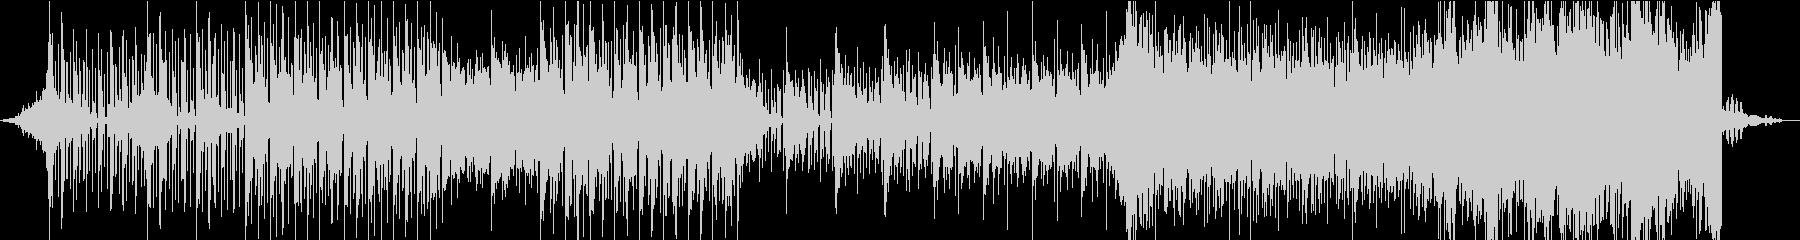 歪んだ空気感を表現したエレクトロニカの未再生の波形